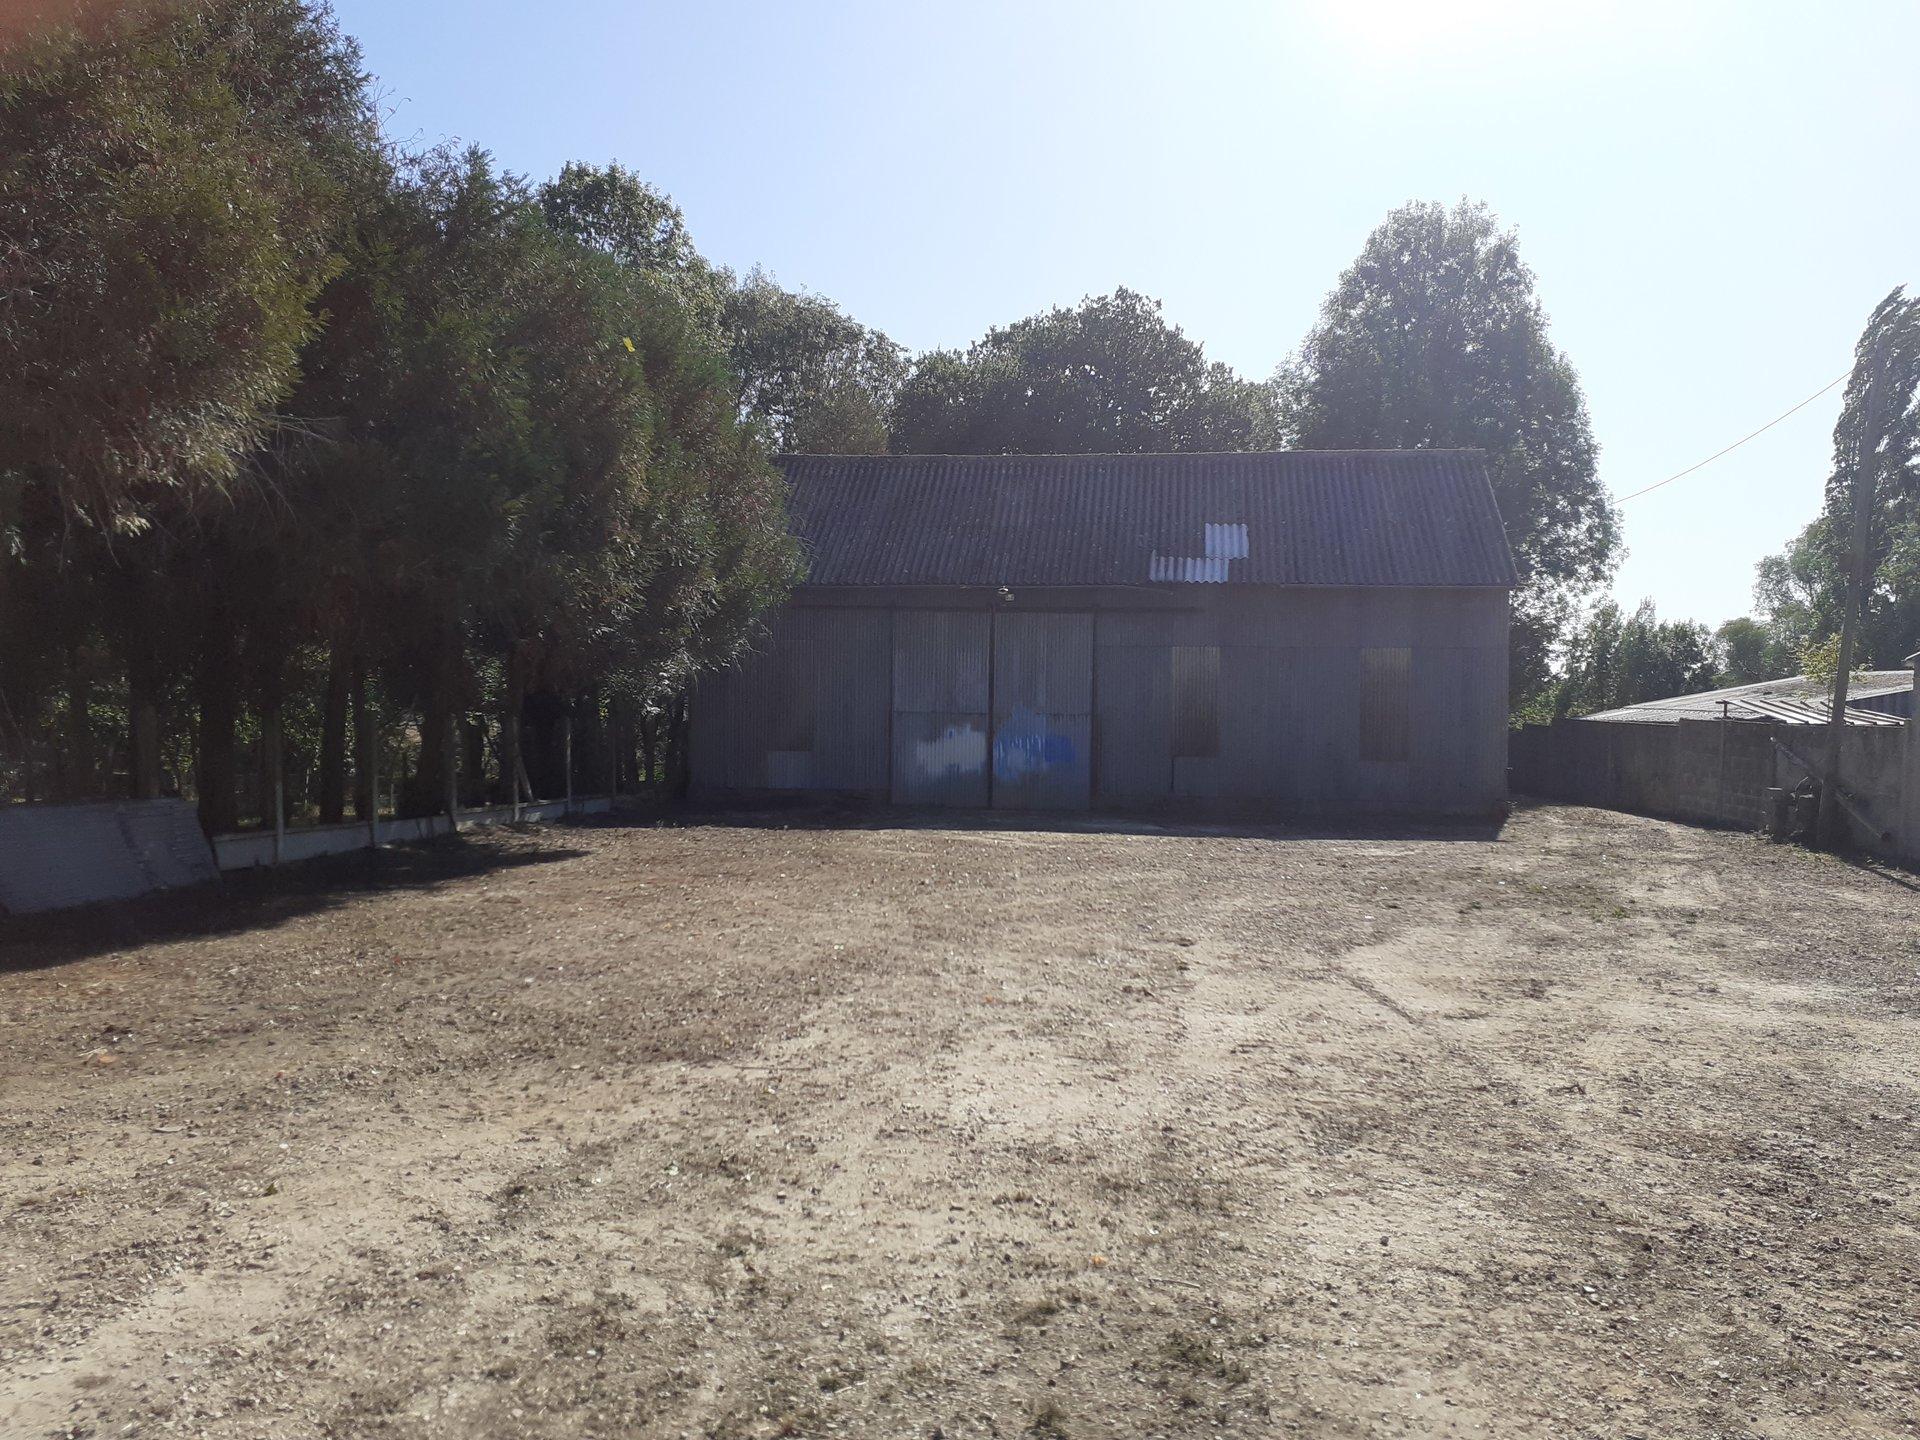 MAISON 76m² + HANGAR de 250m² MONTBIZOT